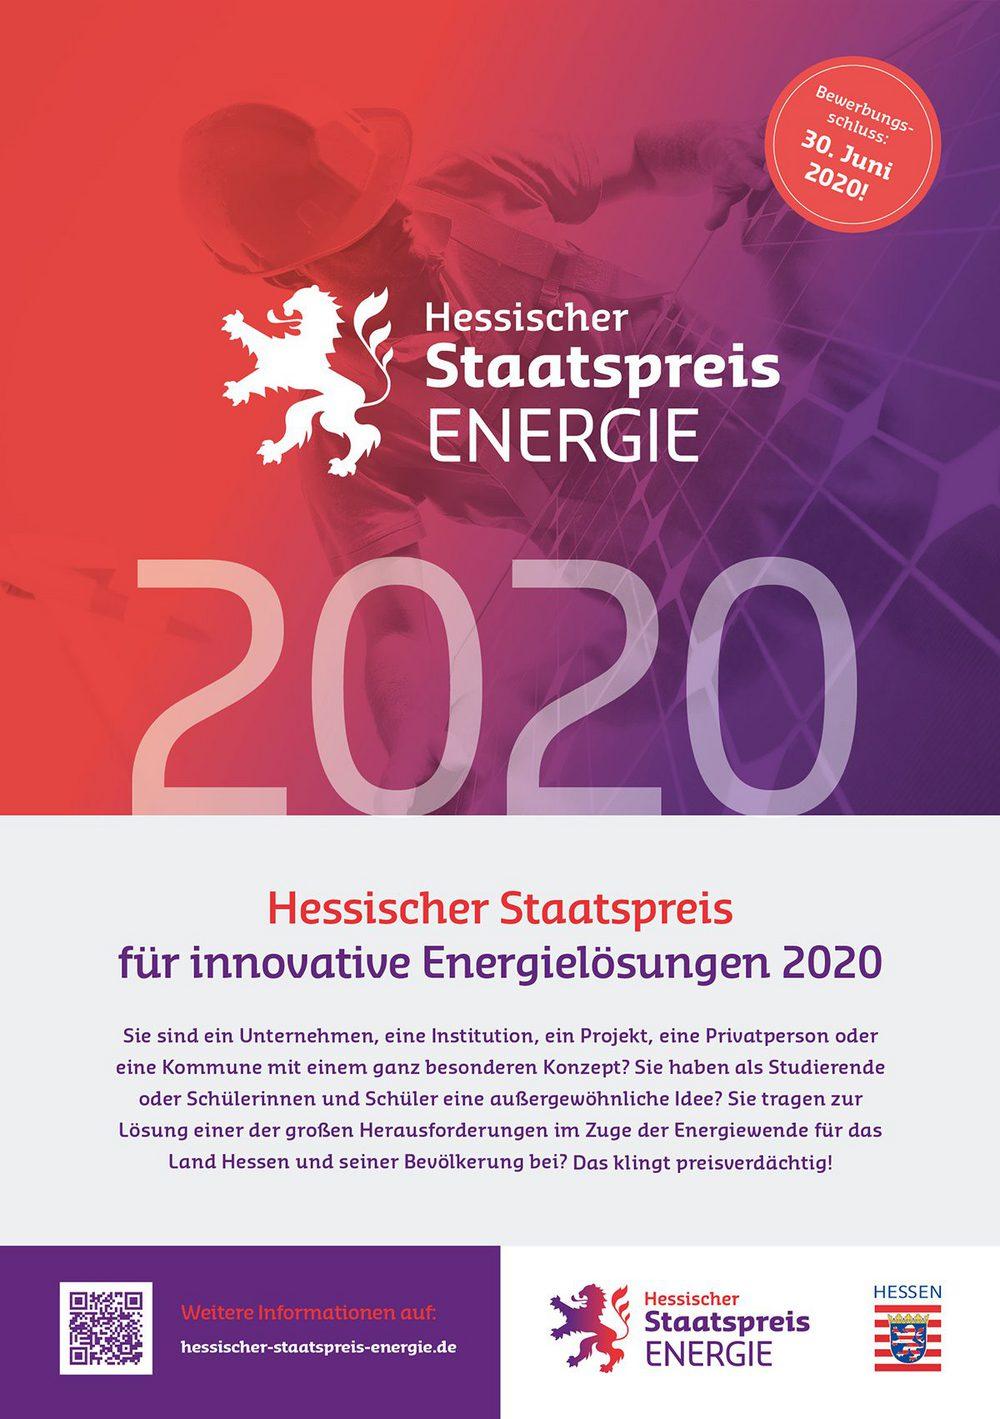 Hessischer Staatspreis ausgeschrieben: 32.500 Euro für innovative Energiekonzepte